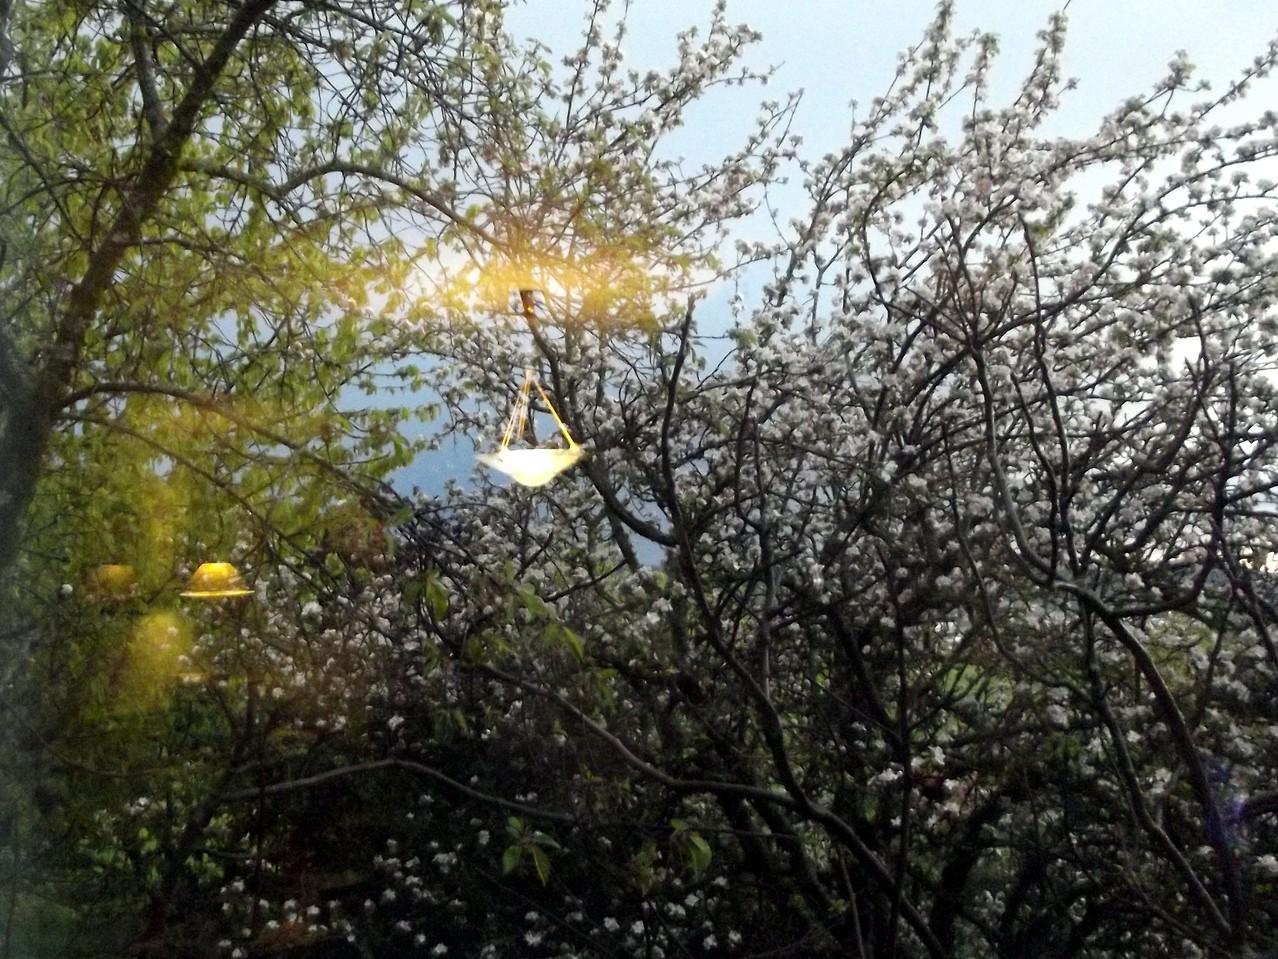 Printemps - Reflets de luminaires sur la vitre du salon et les arbres en fleurs